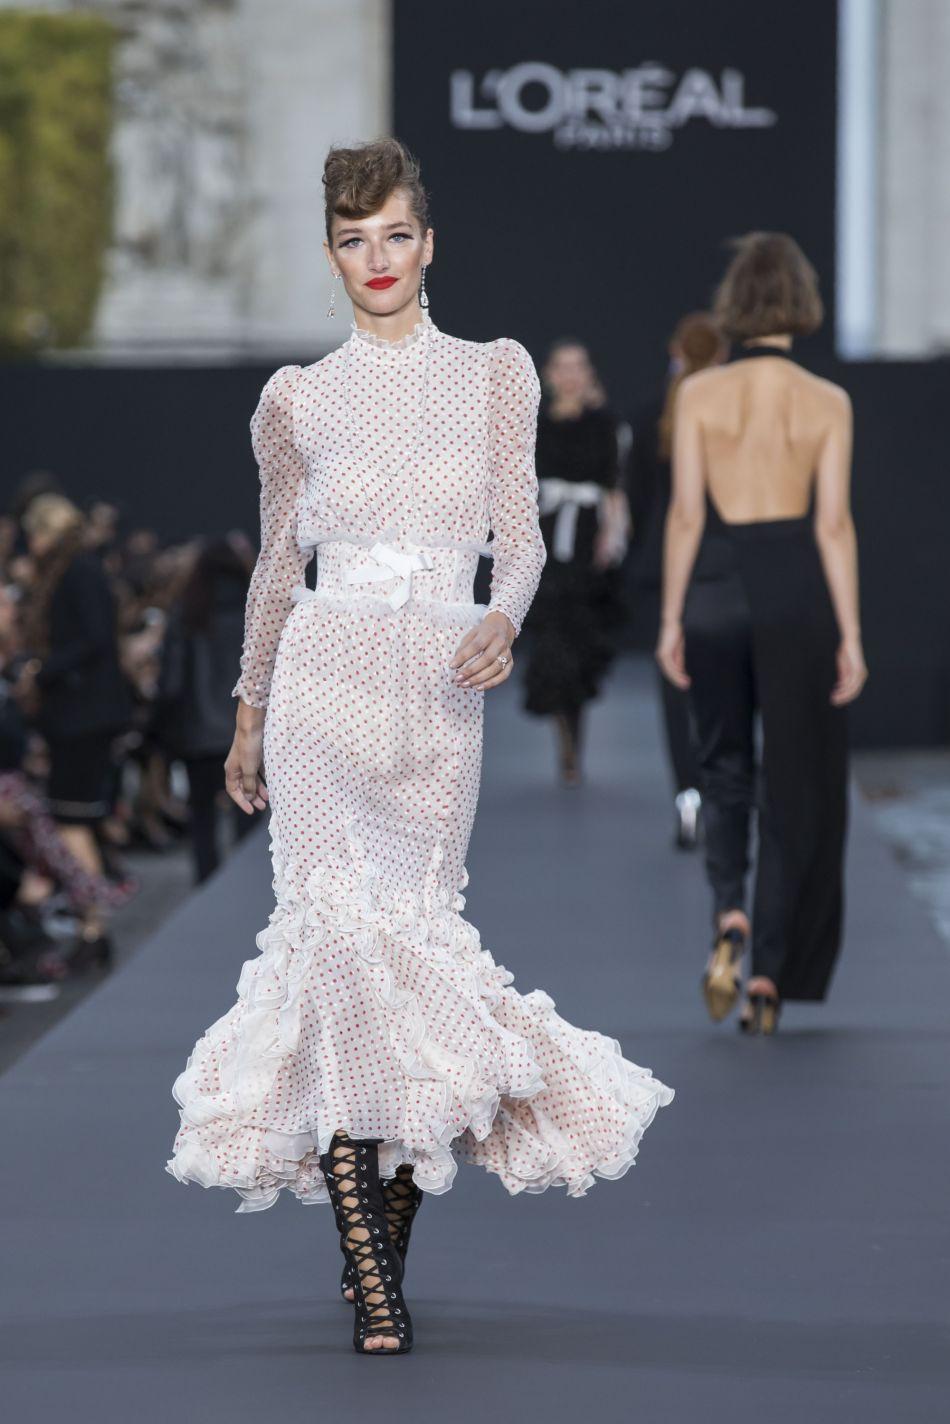 Chinh phục vương miện hoa hậu, Hương Giang lại được mời dự Paris Fashion Week, và cô nàng thực sự xứng đáng! - Ảnh 2.